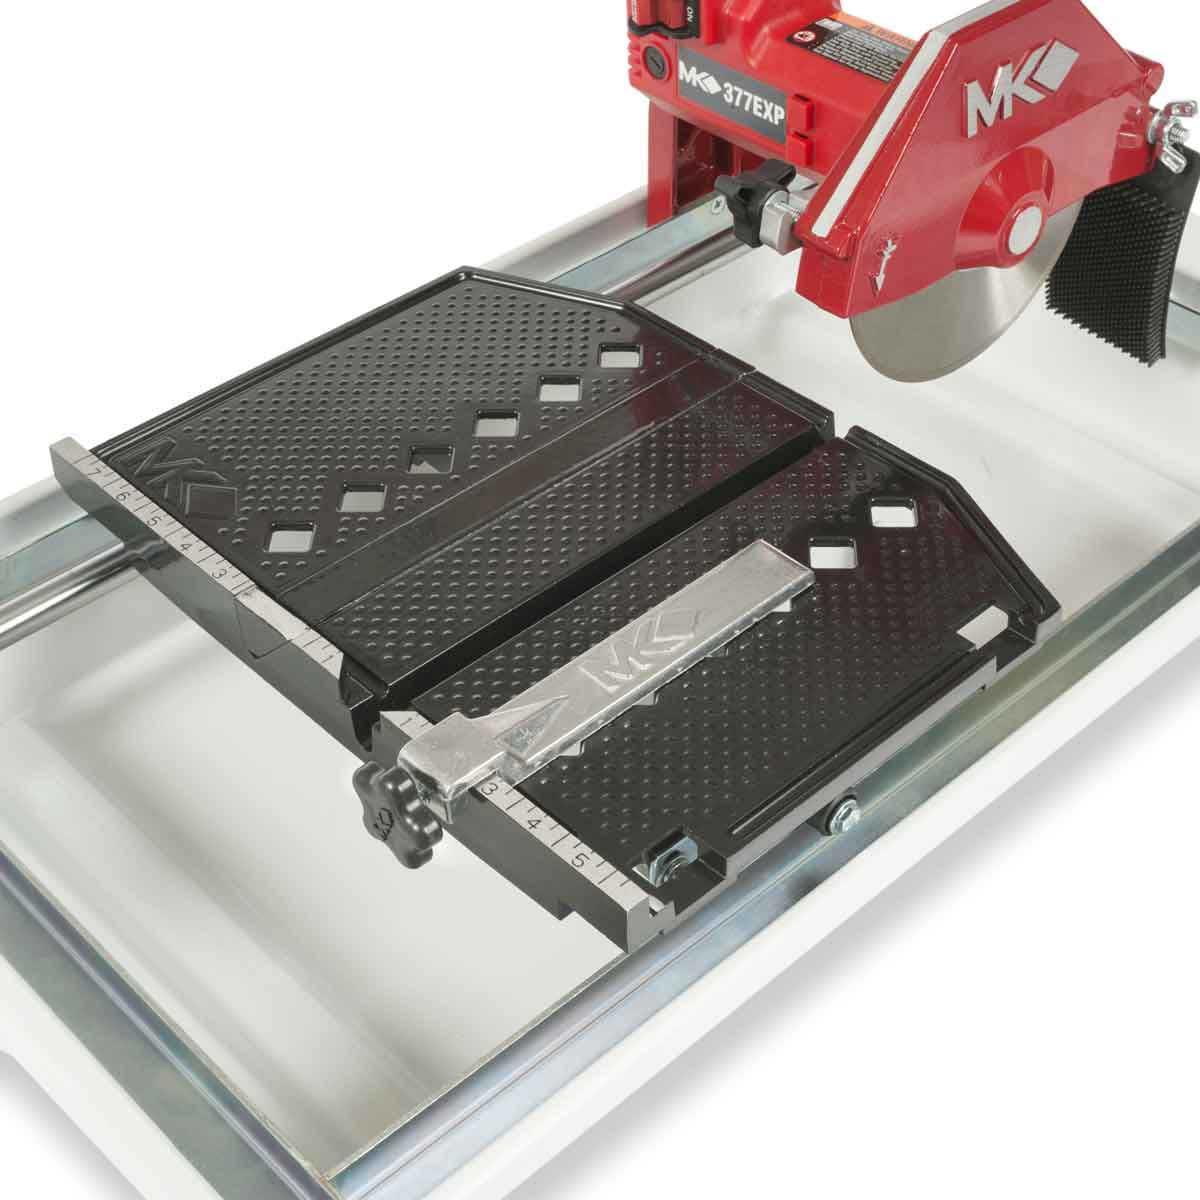 Mk 377exp Tile Saw Contractors Direct